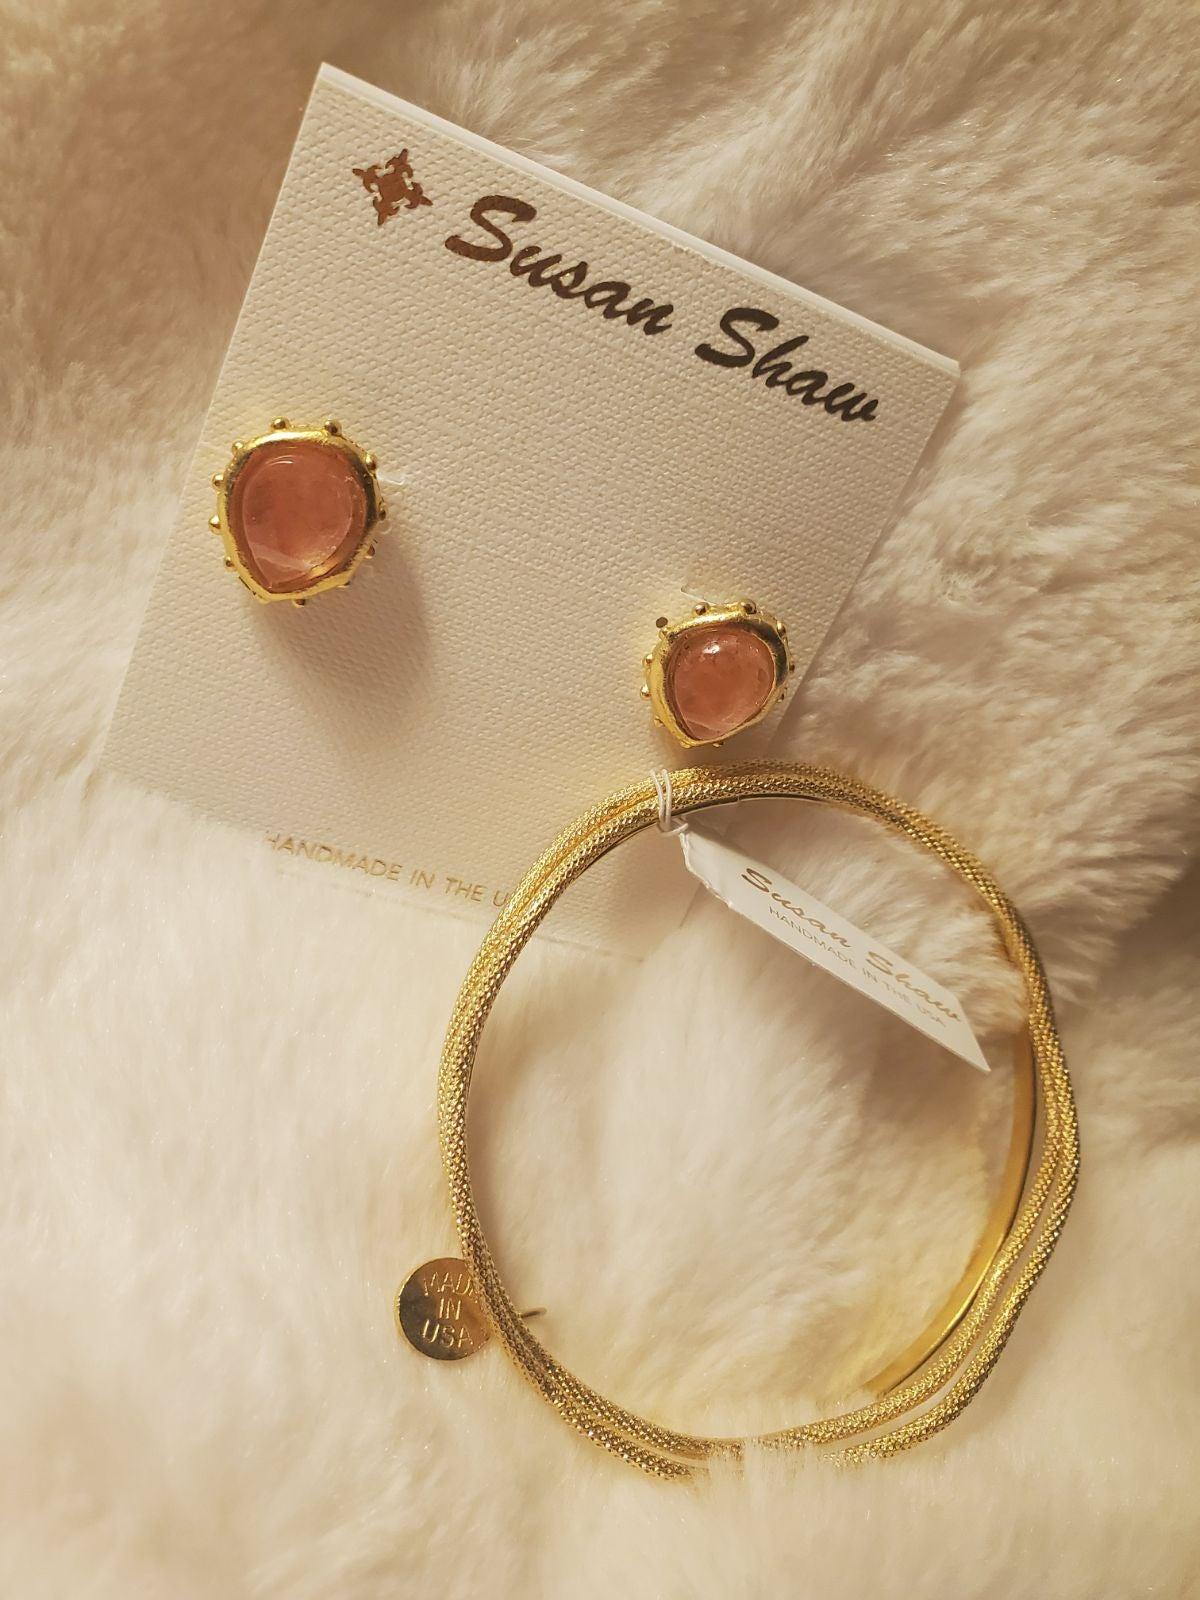 Semi precious stud earrings + gold bangl